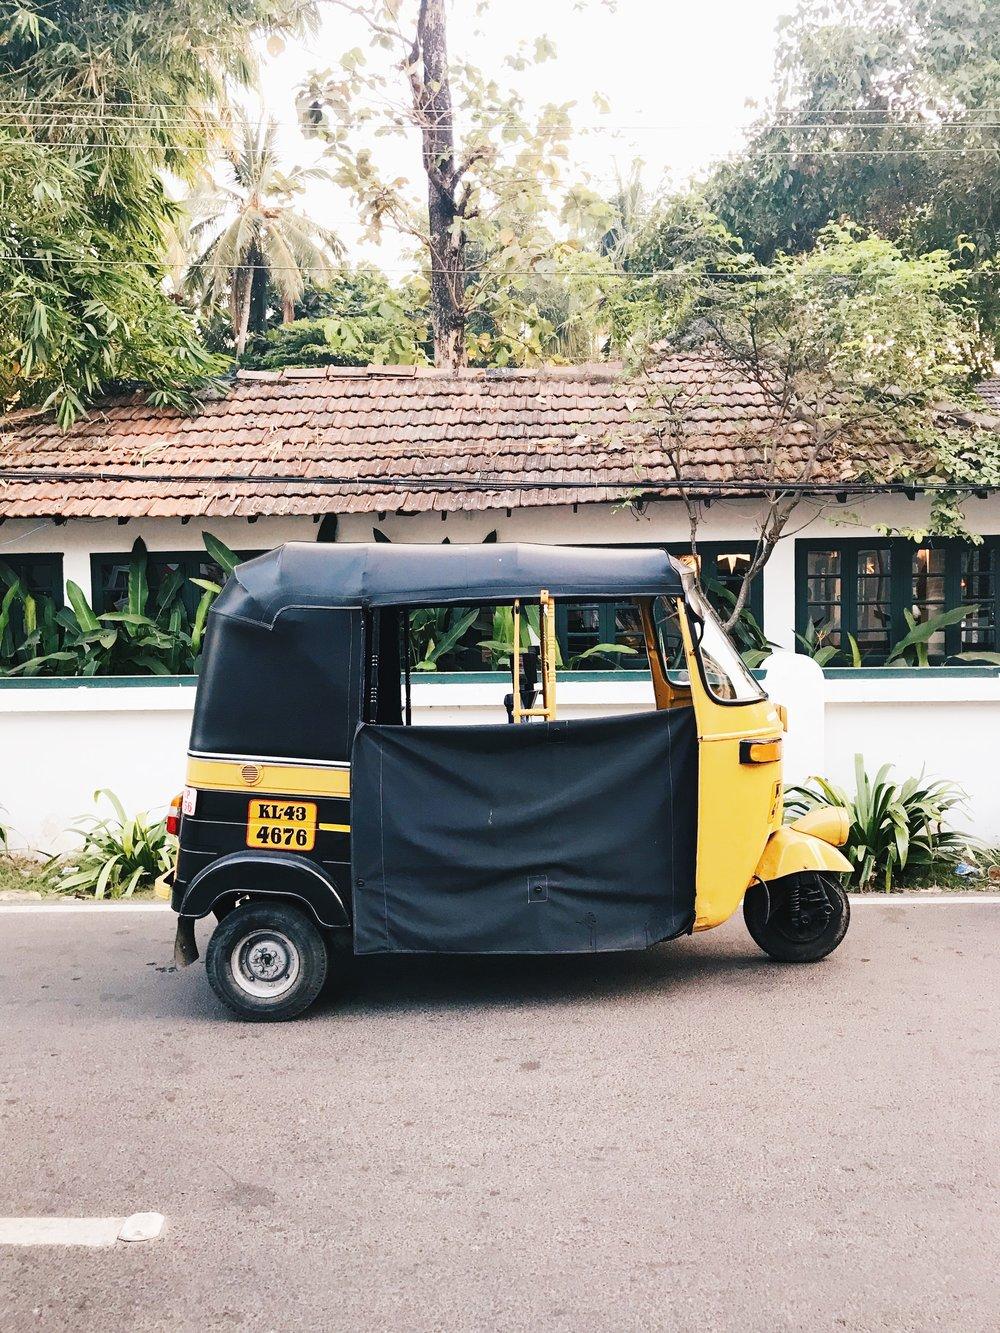 Just a tuk tuk outside Oceanos, Fort Kochi